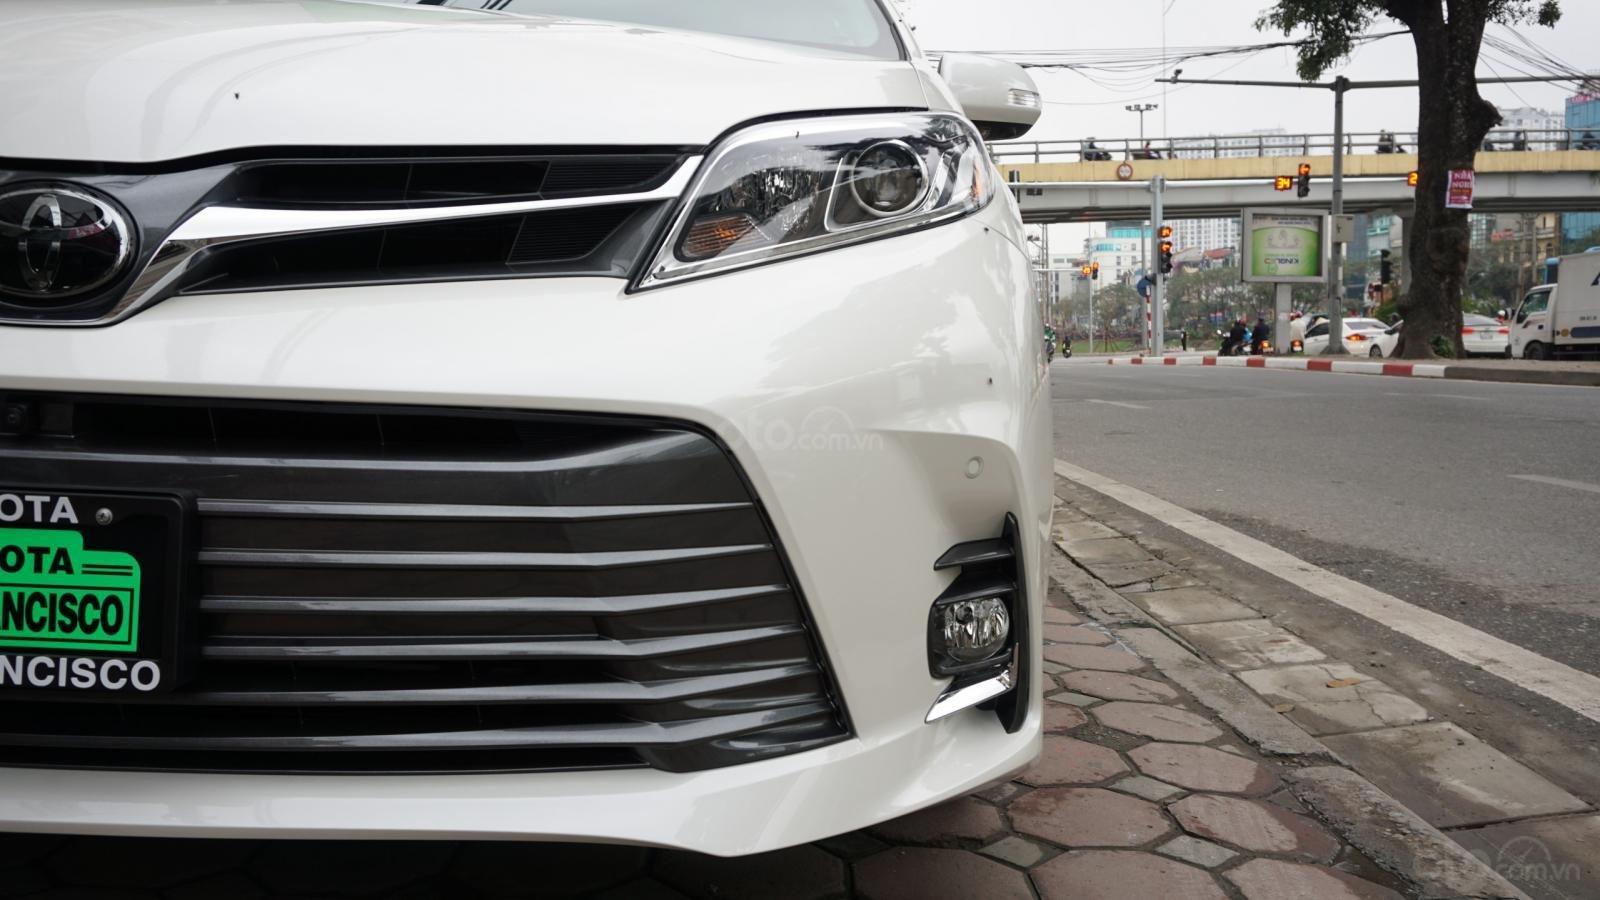 Bán Toyota Sienna Limited 1 cầu 2020 giao ngay, giá tốt nhất, LH 094.539.2468 Ms Hương (14)